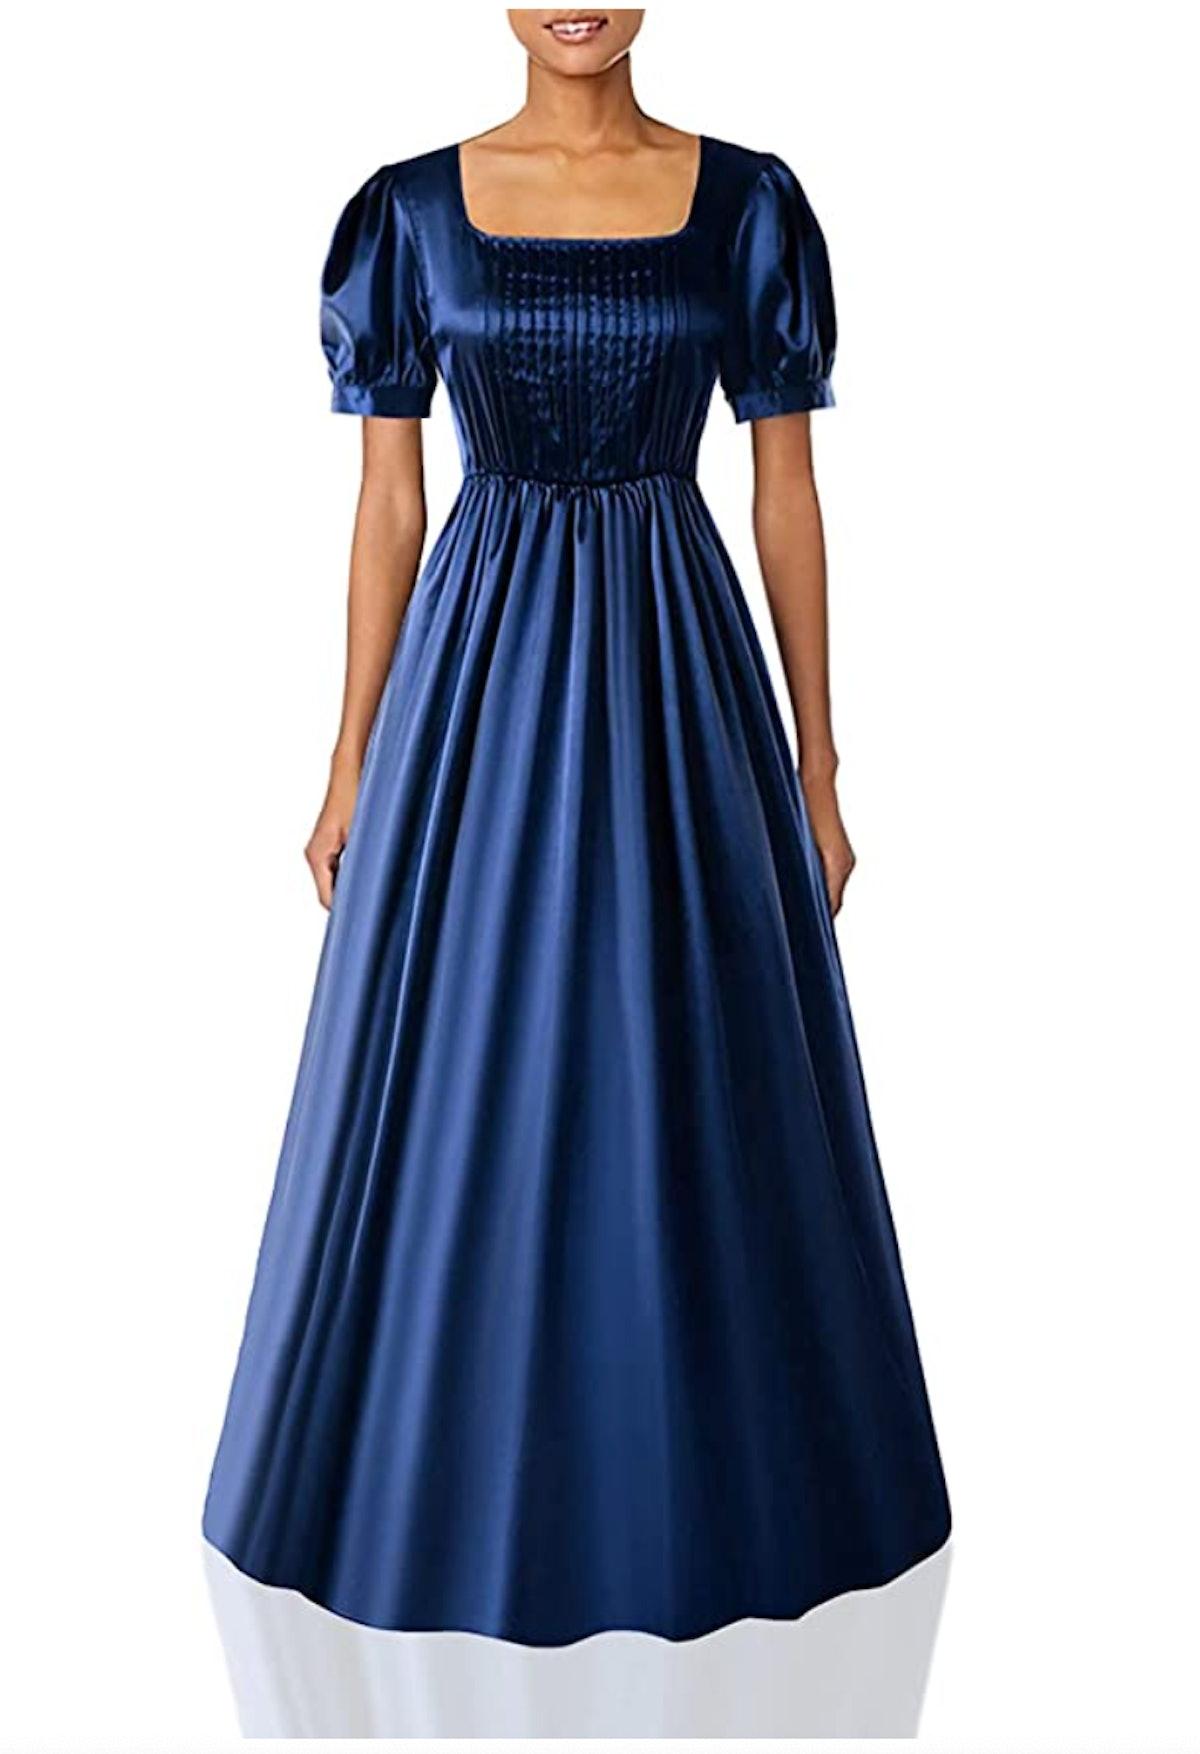 Loli Miss Vintage Regency Dress